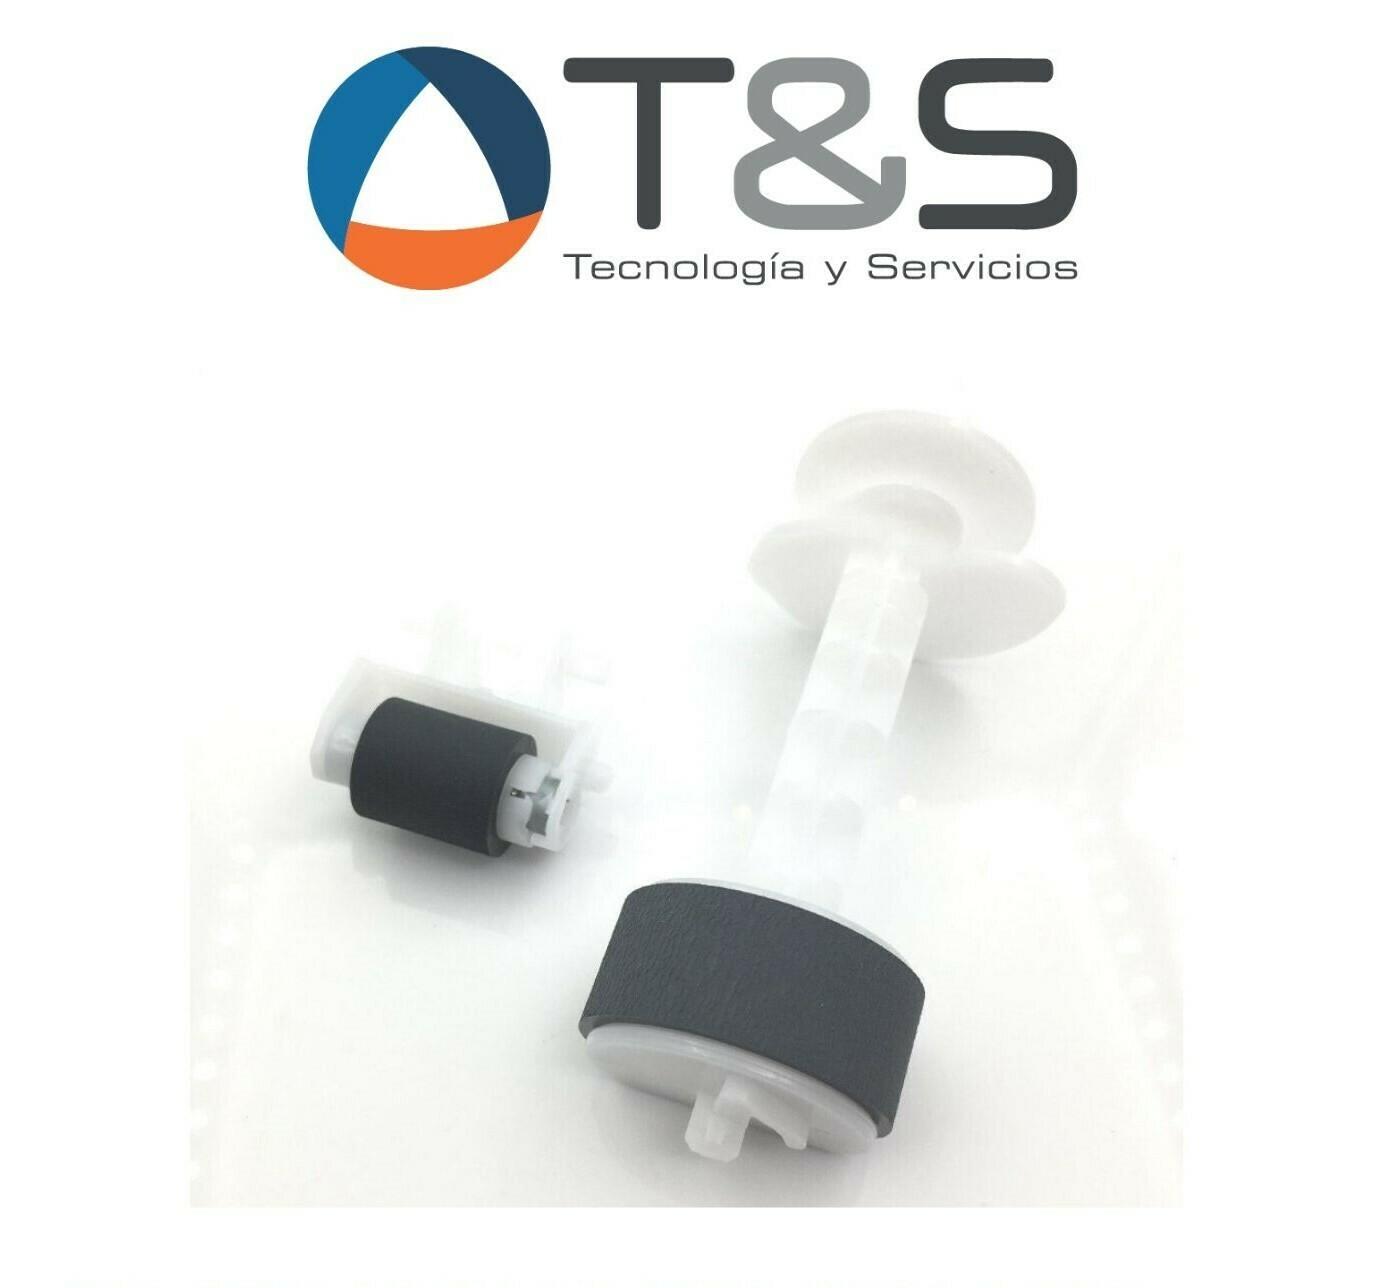 Kit de Rodillos L210 - L350 - L355 - L380 - L220 - L375 - L396 - L395 - L455.